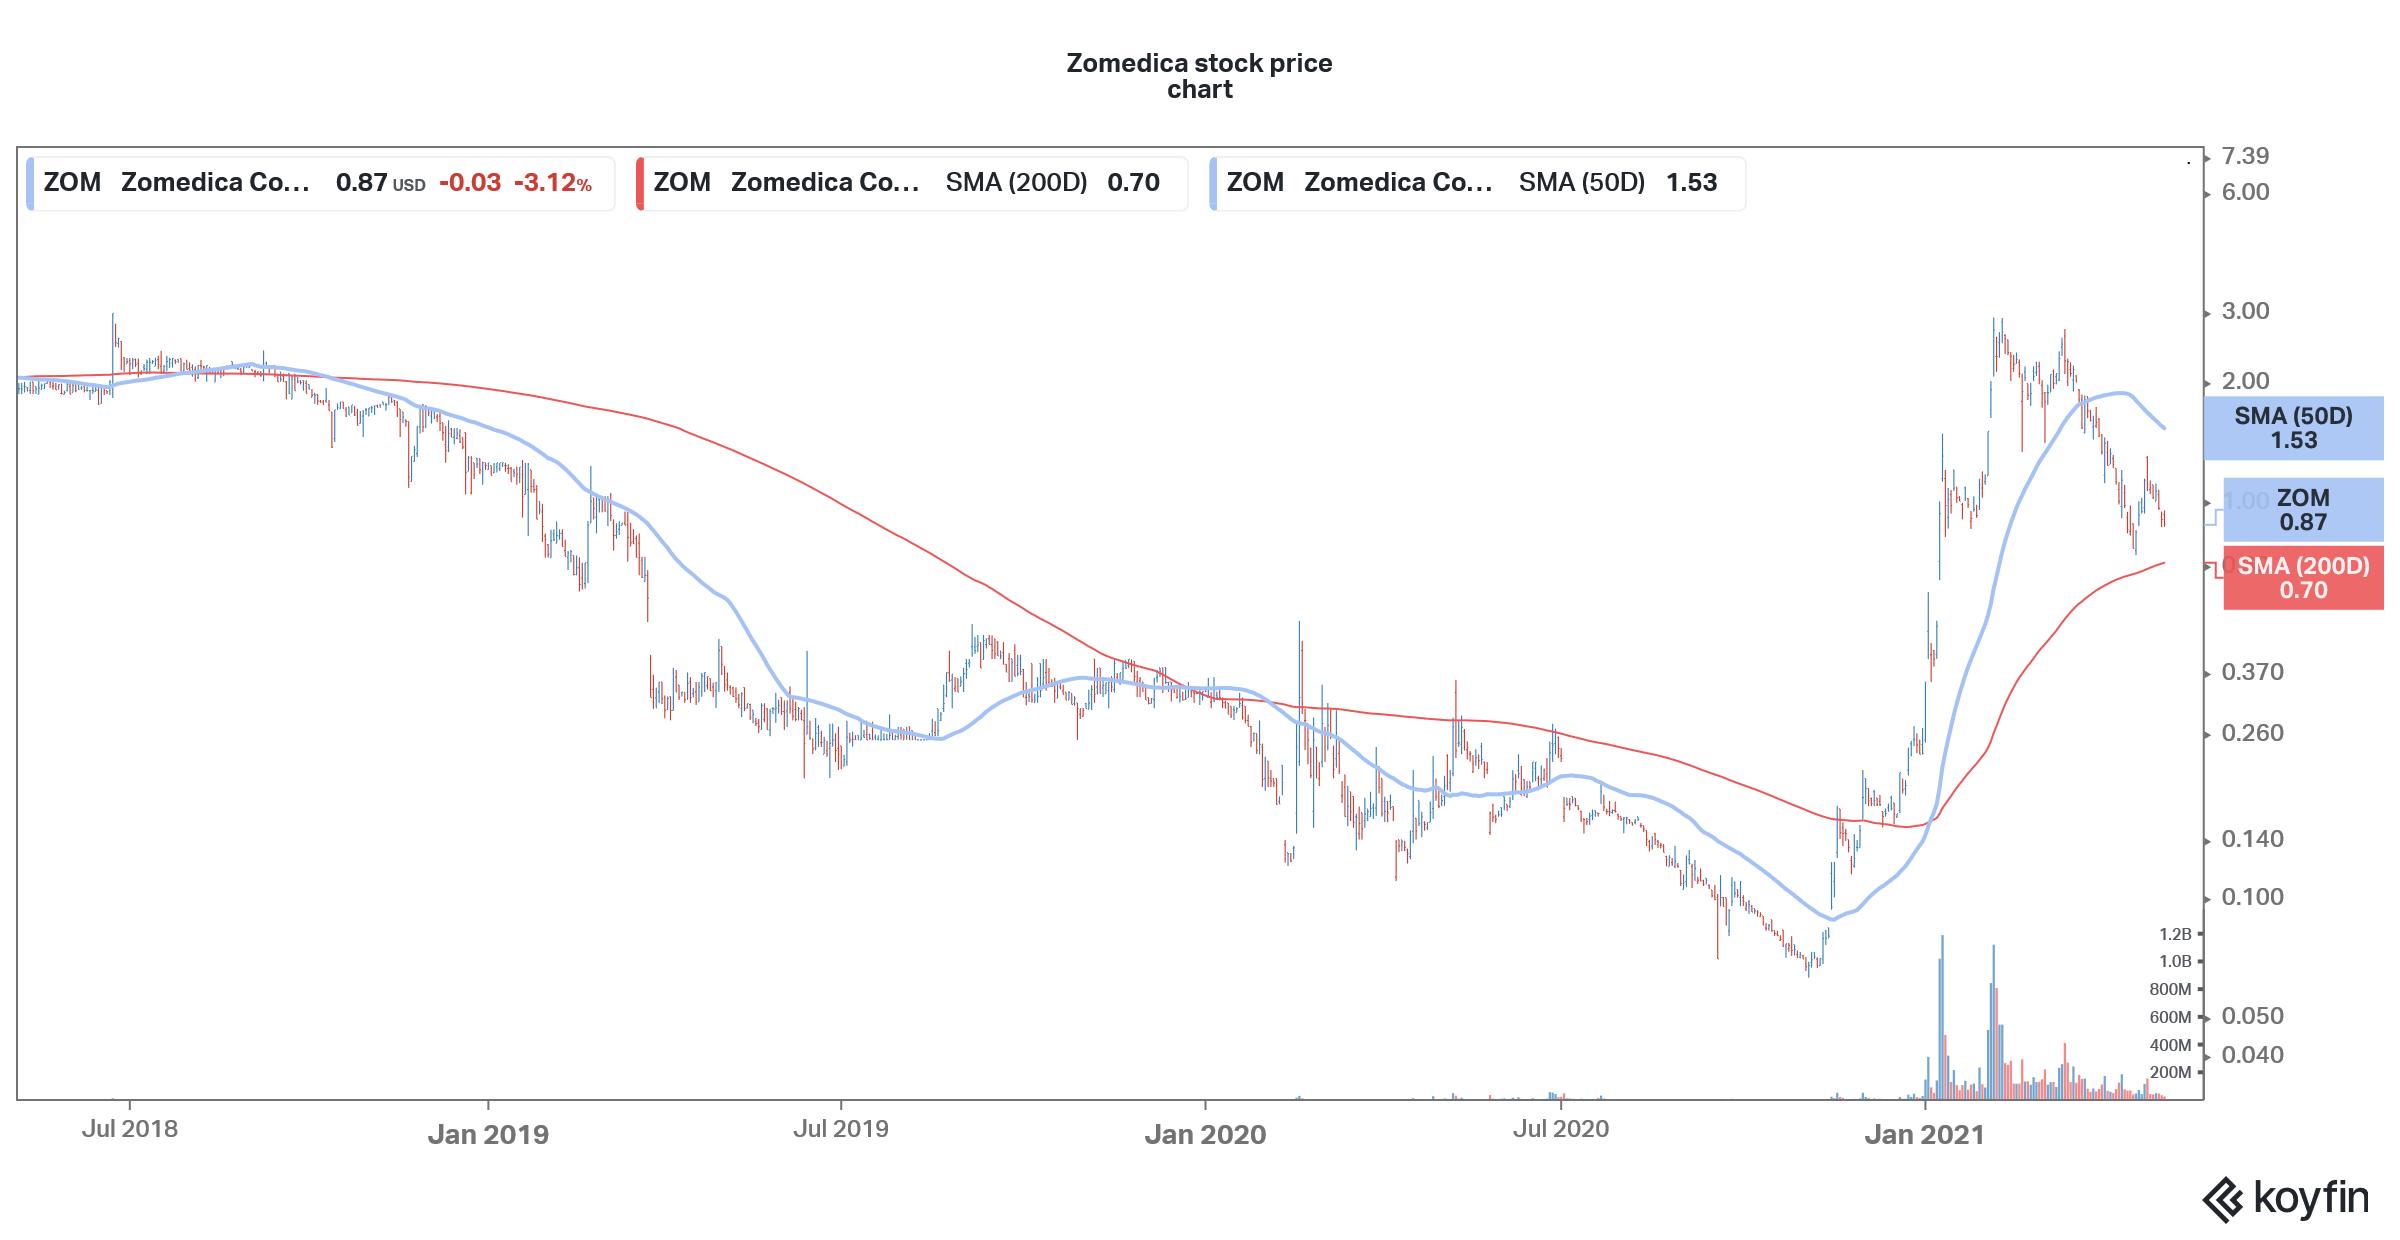 le stock de zom est en forte baisse par rapport aux sommets